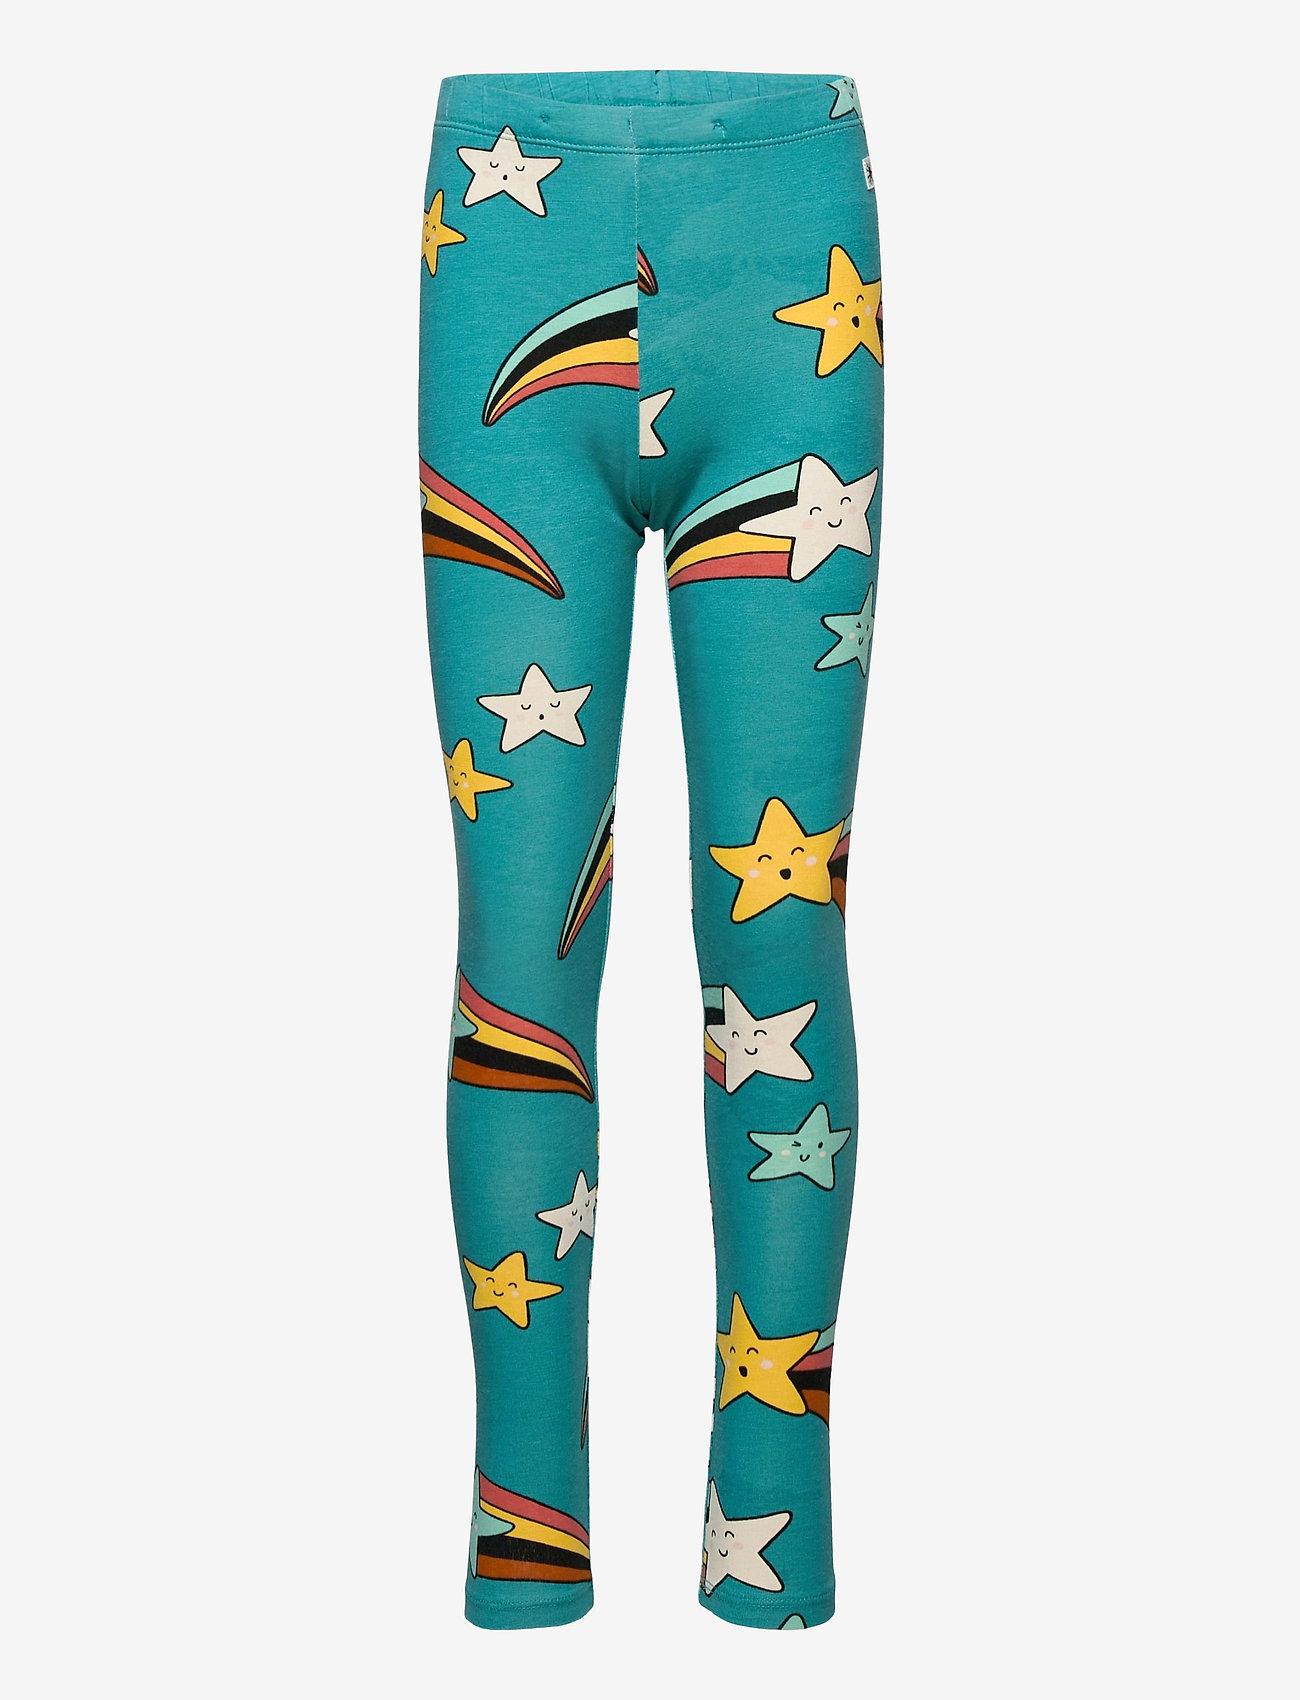 Lindex - Top   leggings SET  KIND - 2-delige sets - turquoise - 2